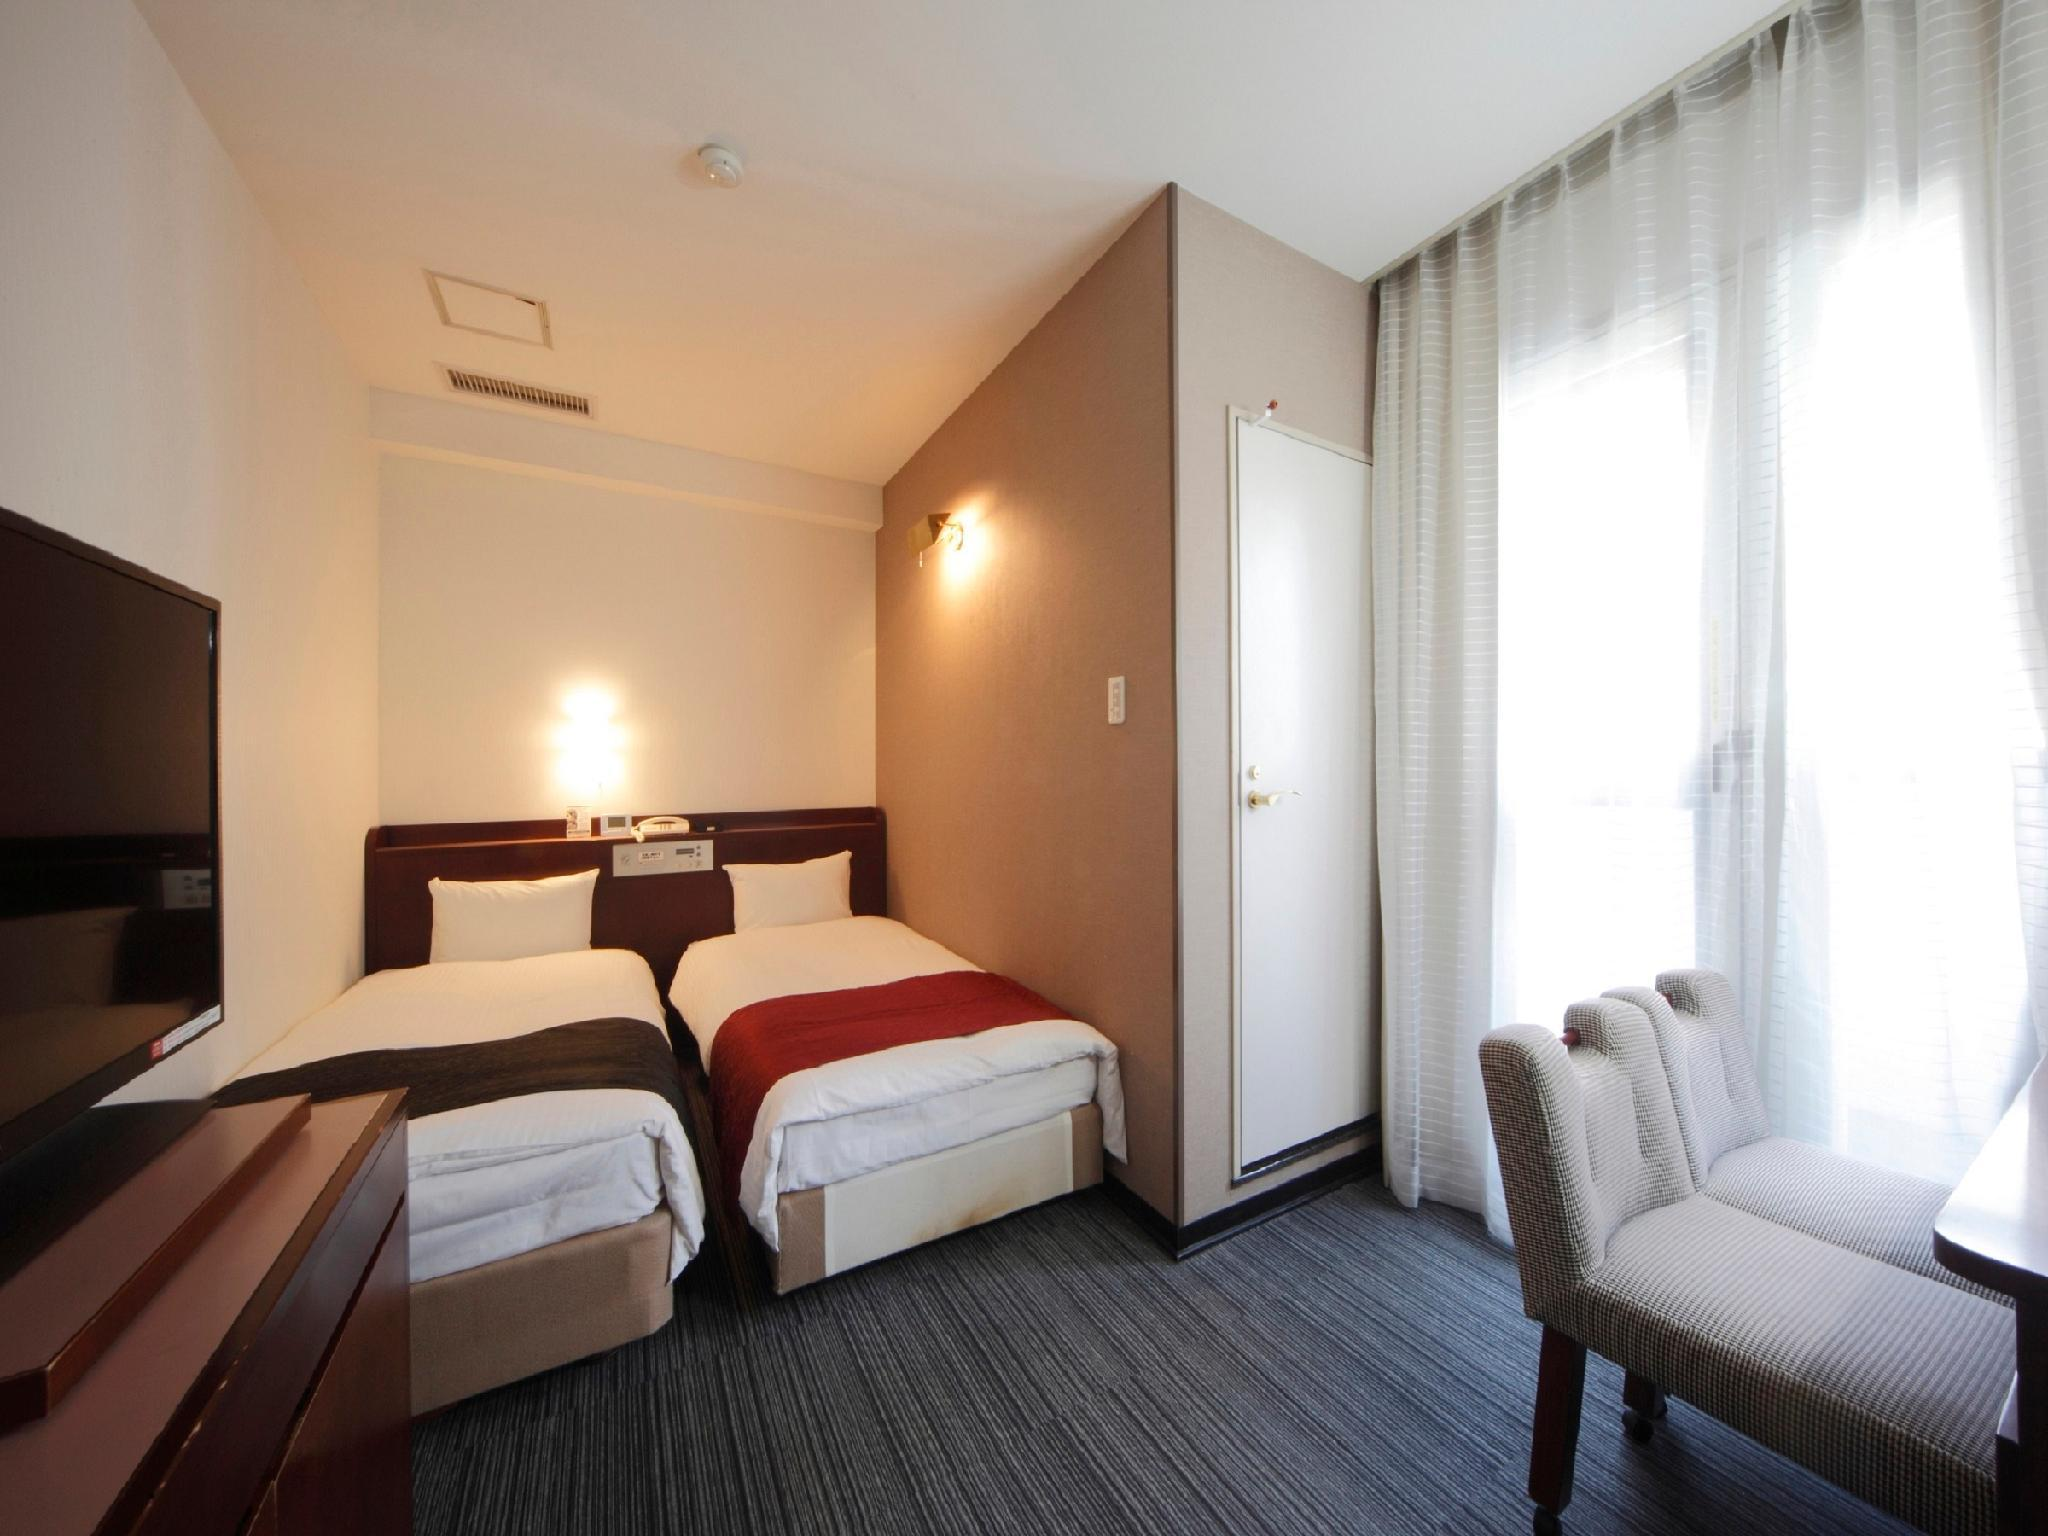 APA酒店 - 山形站前大通 APA Hotel Yamagata Ekimae Odori